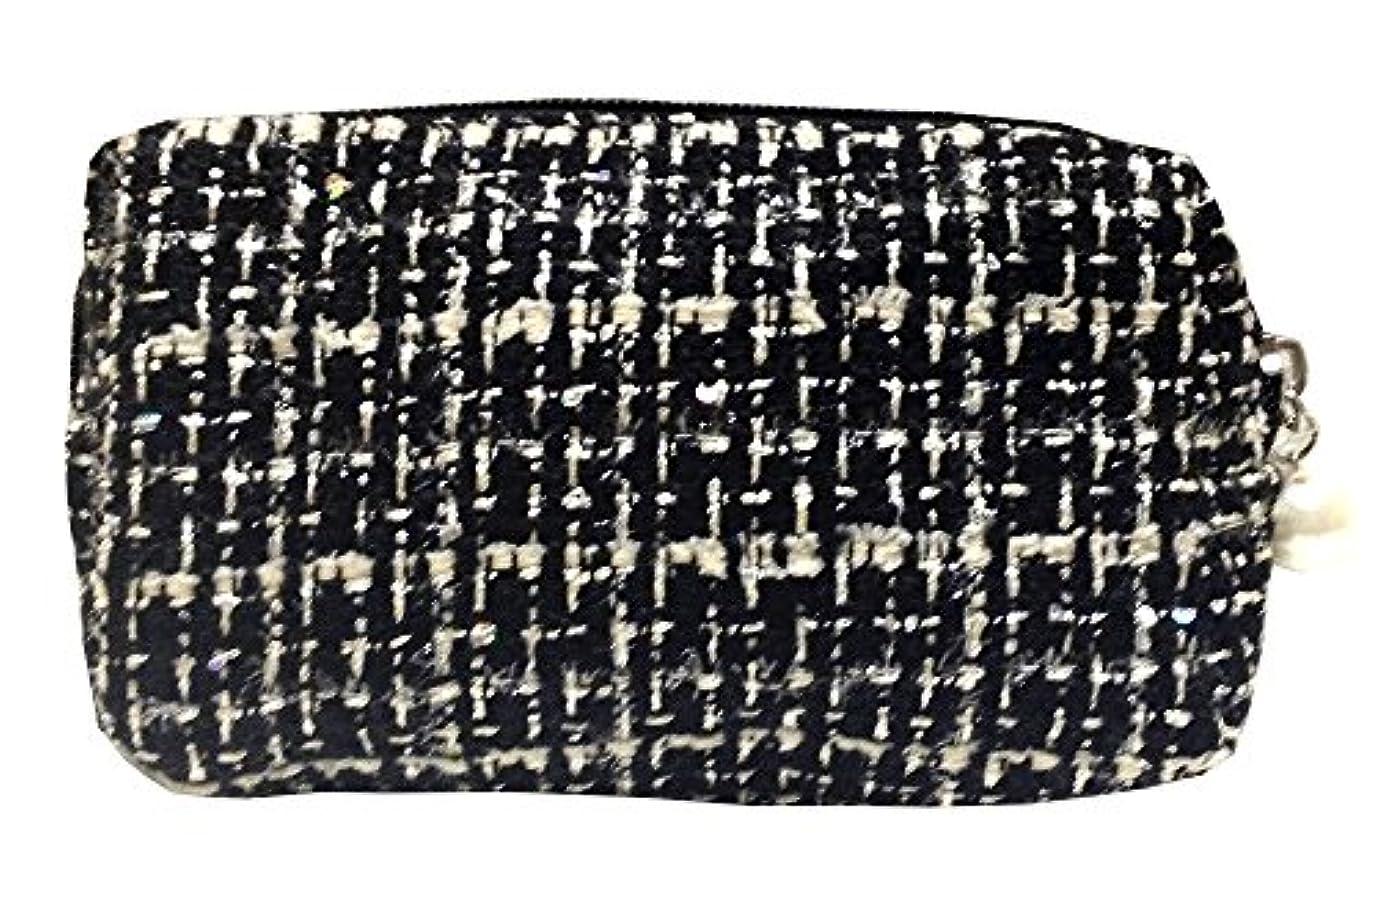 屋内ブラインド驚くばかり化粧ポーチ 編み柄A BKxホワイト【9070】